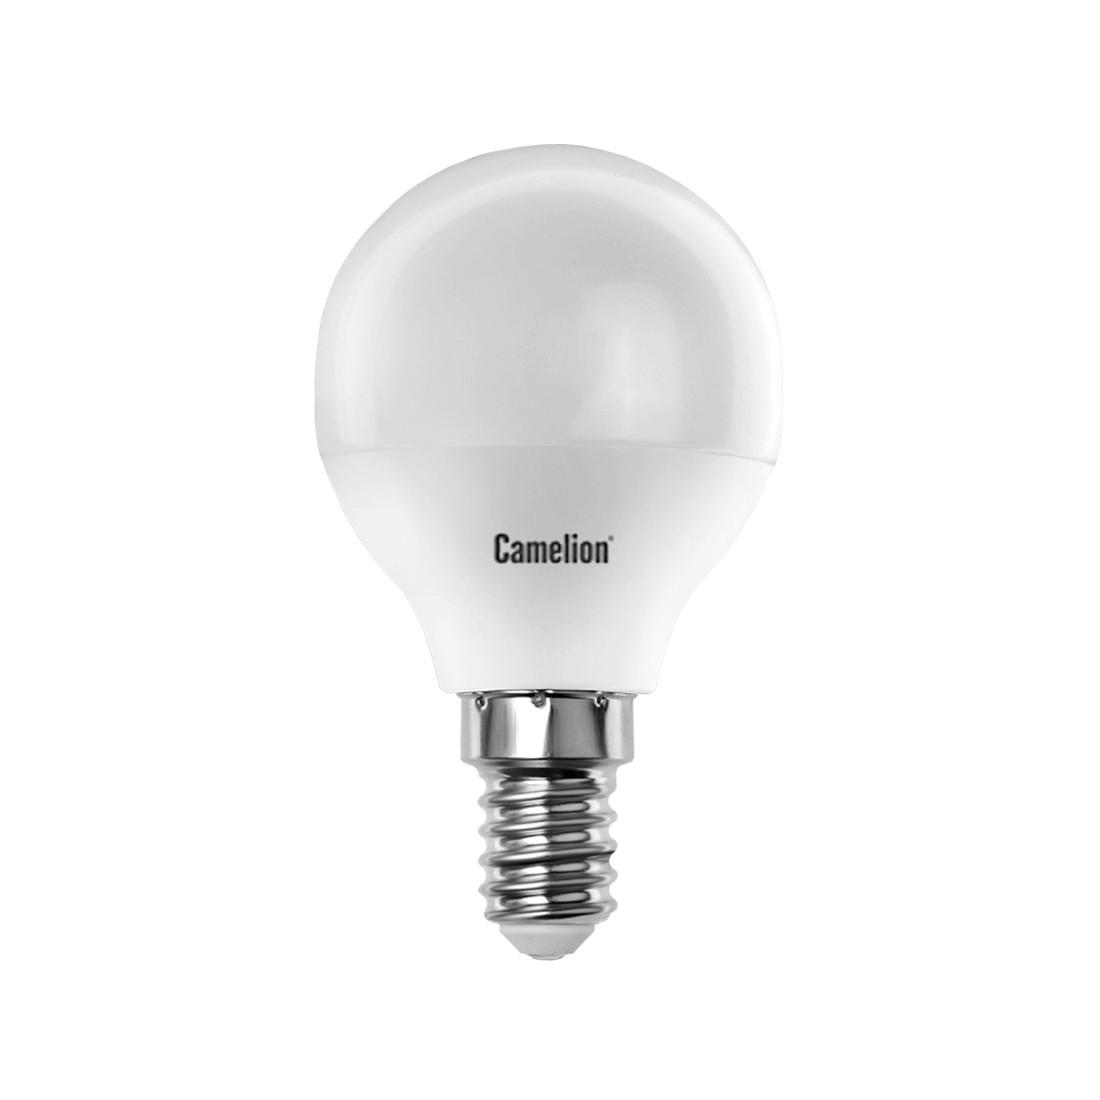 Эл. лампа светодиодная, Camelion, LED7-G45/845/E14